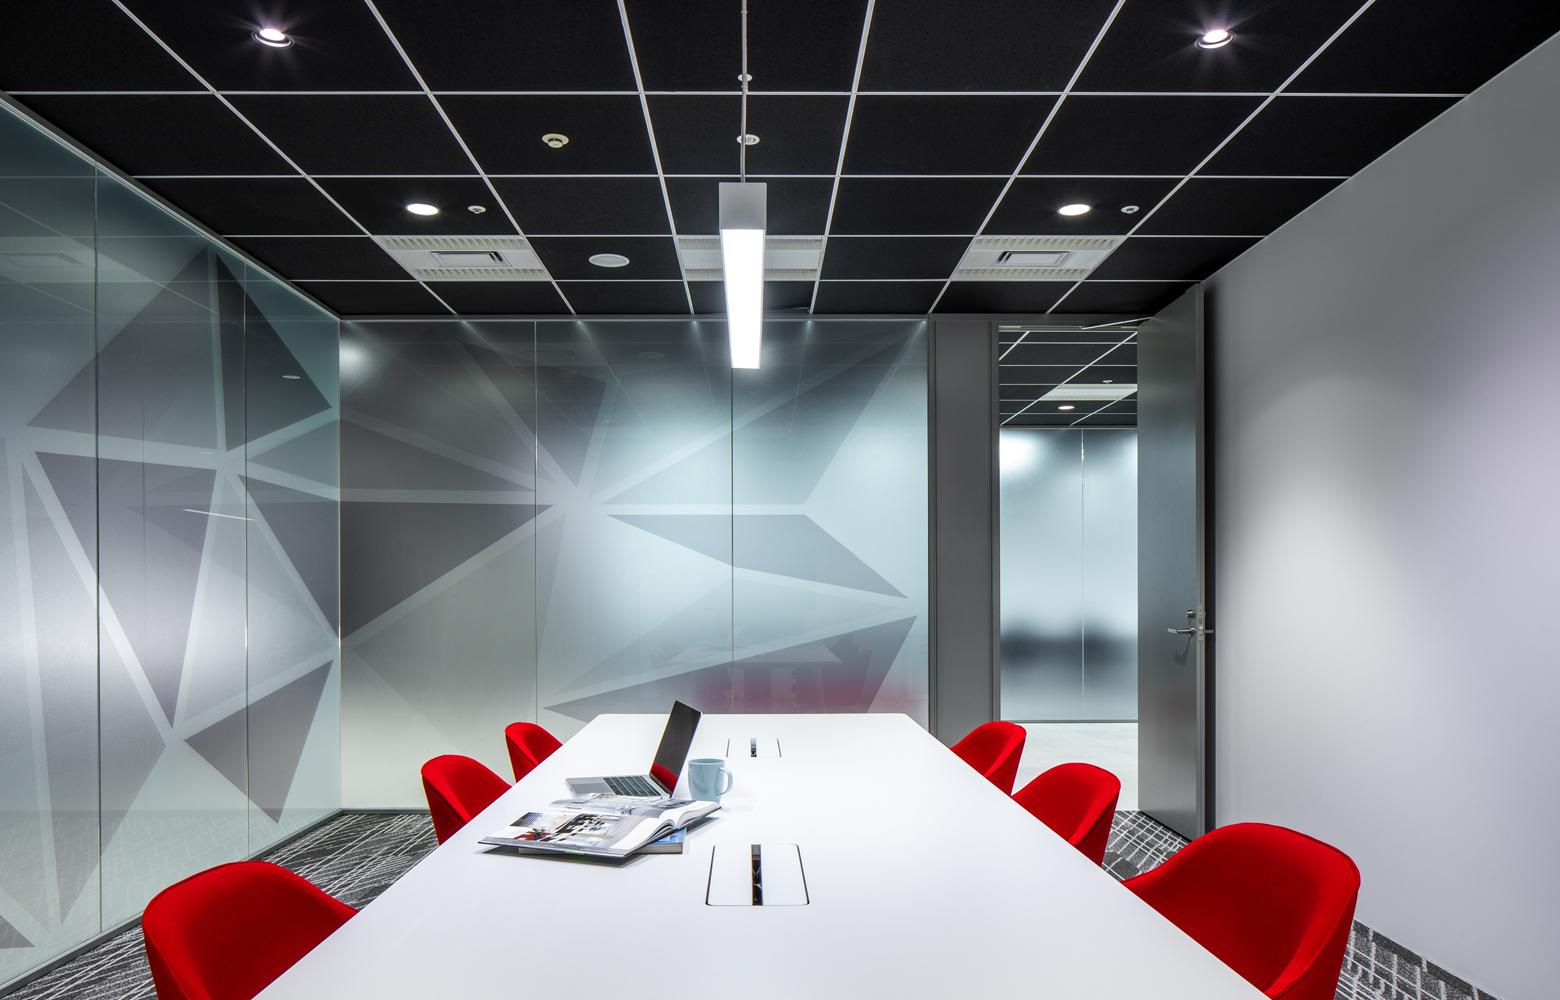 株式会社ビーネックスグループ Meeting Room デザイン・レイアウト事例